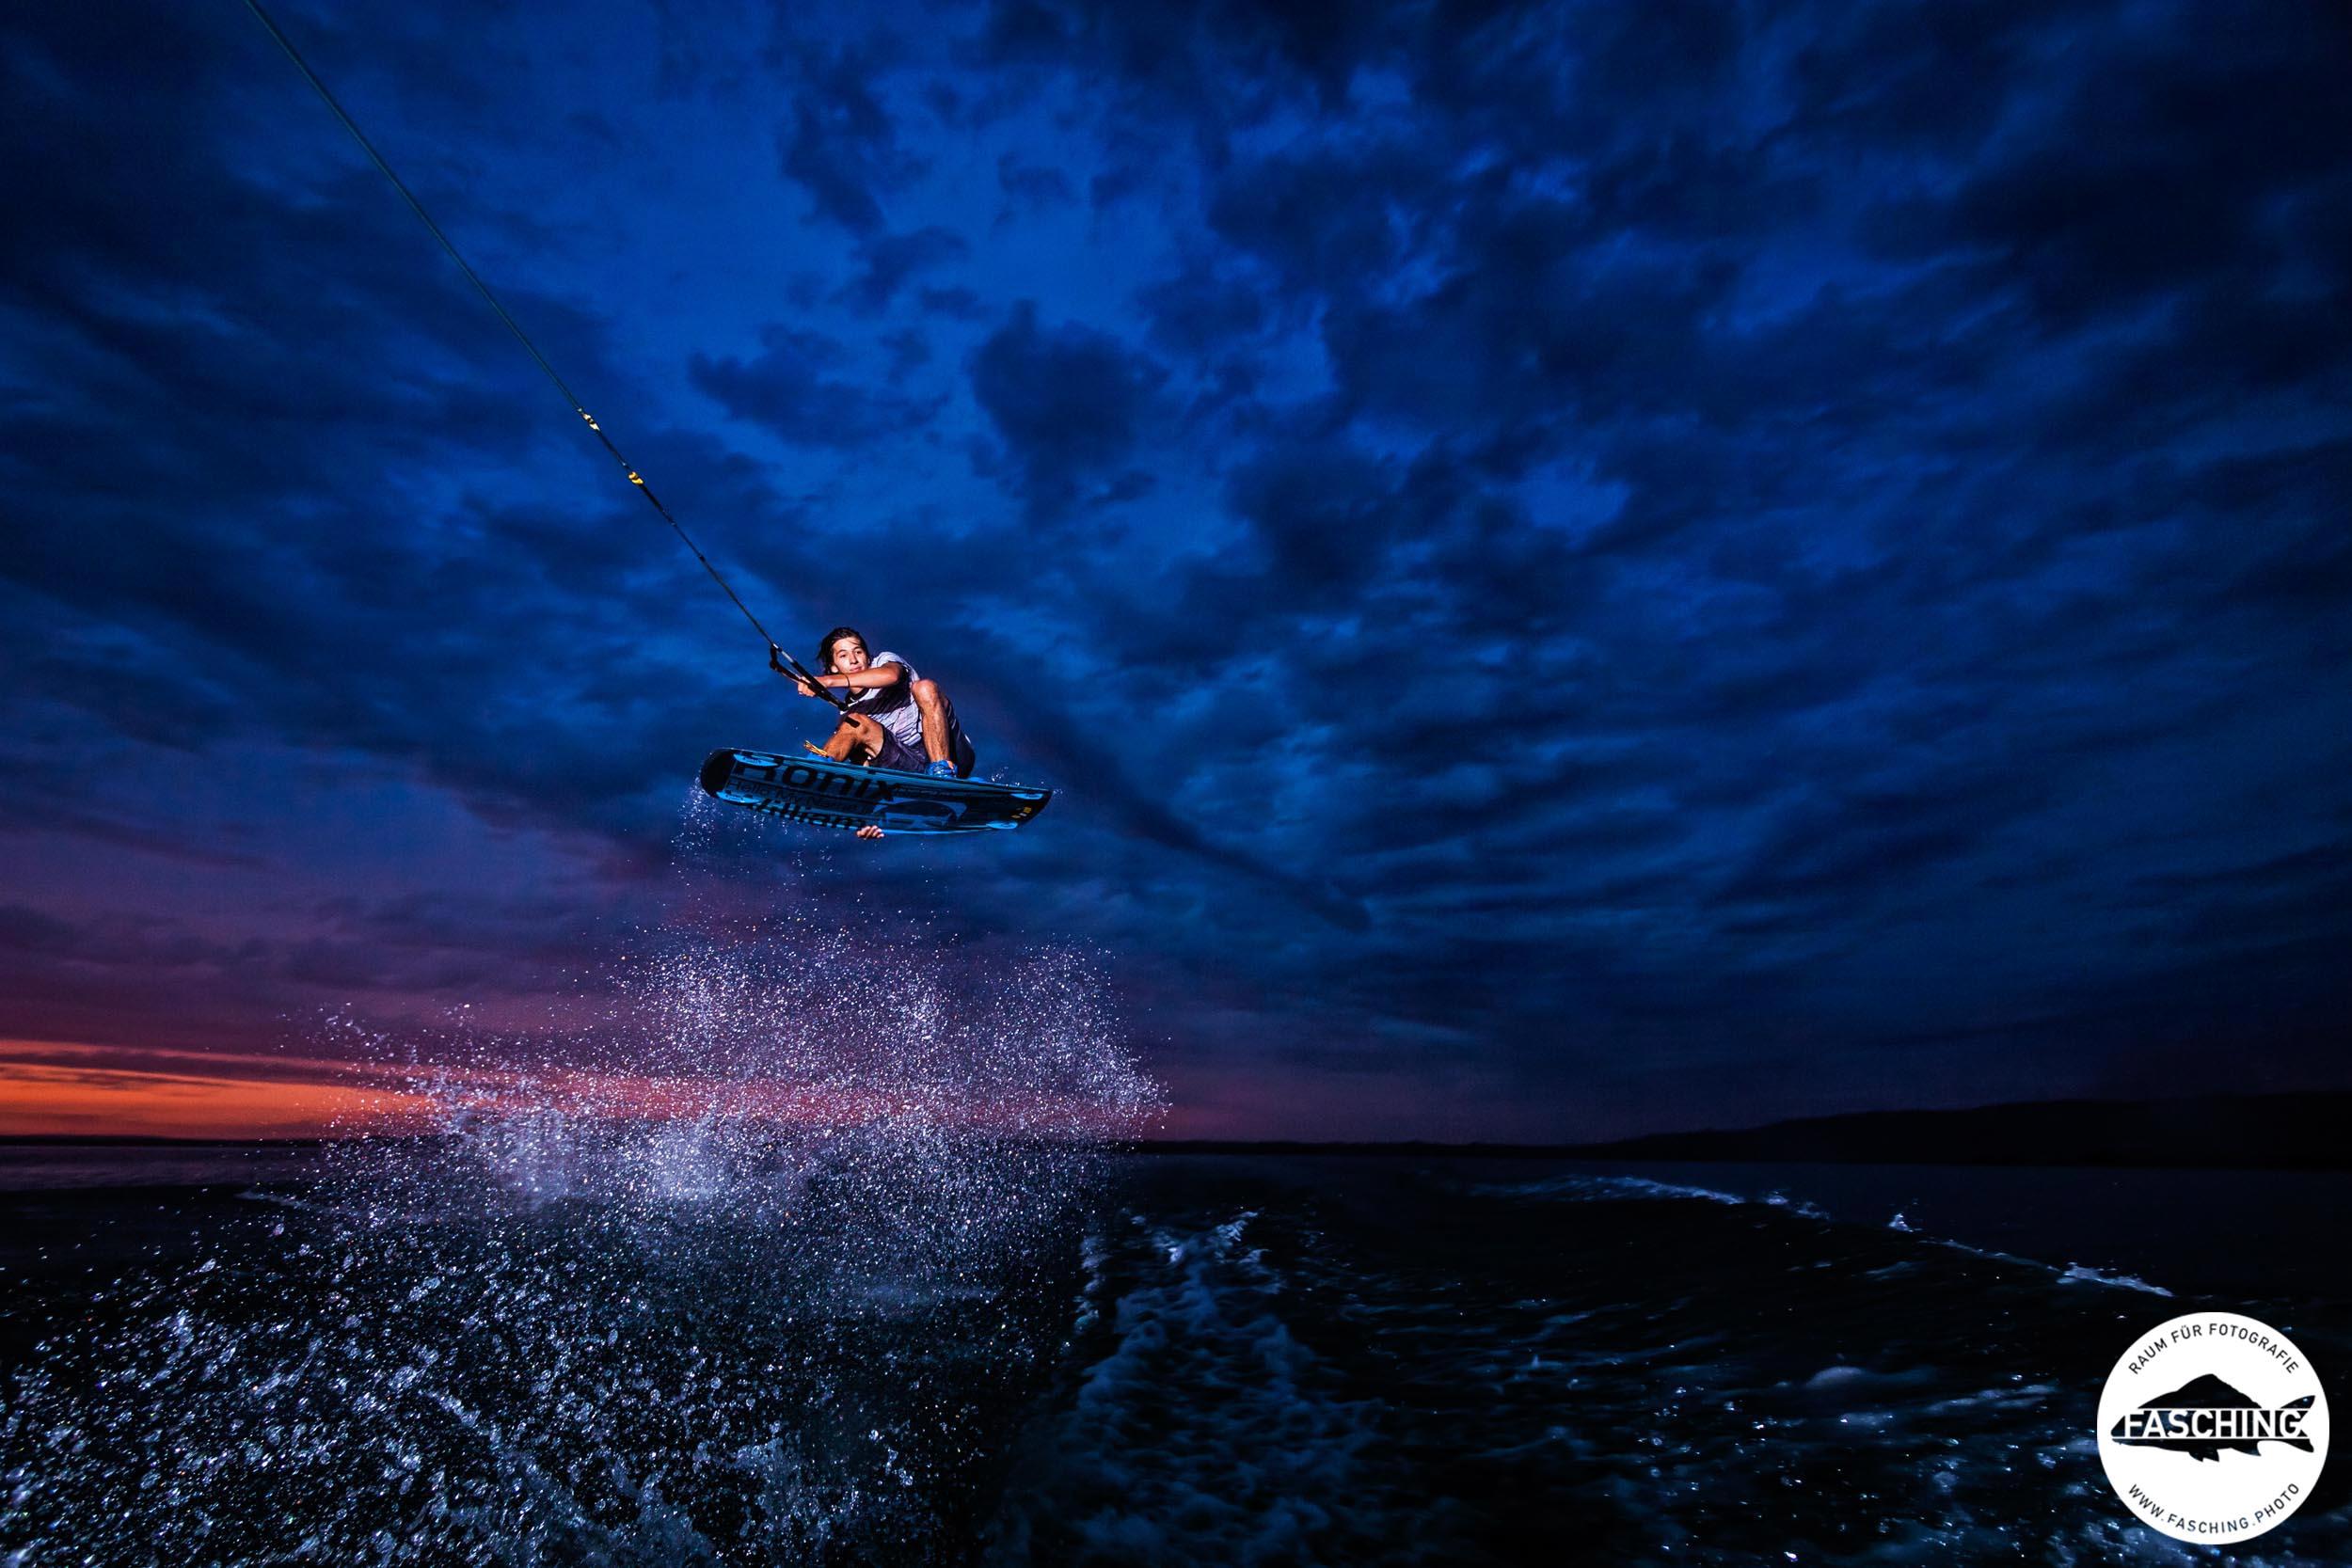 Sportaufnahmen von wakeboarden am Bodensee von Luca Fasching